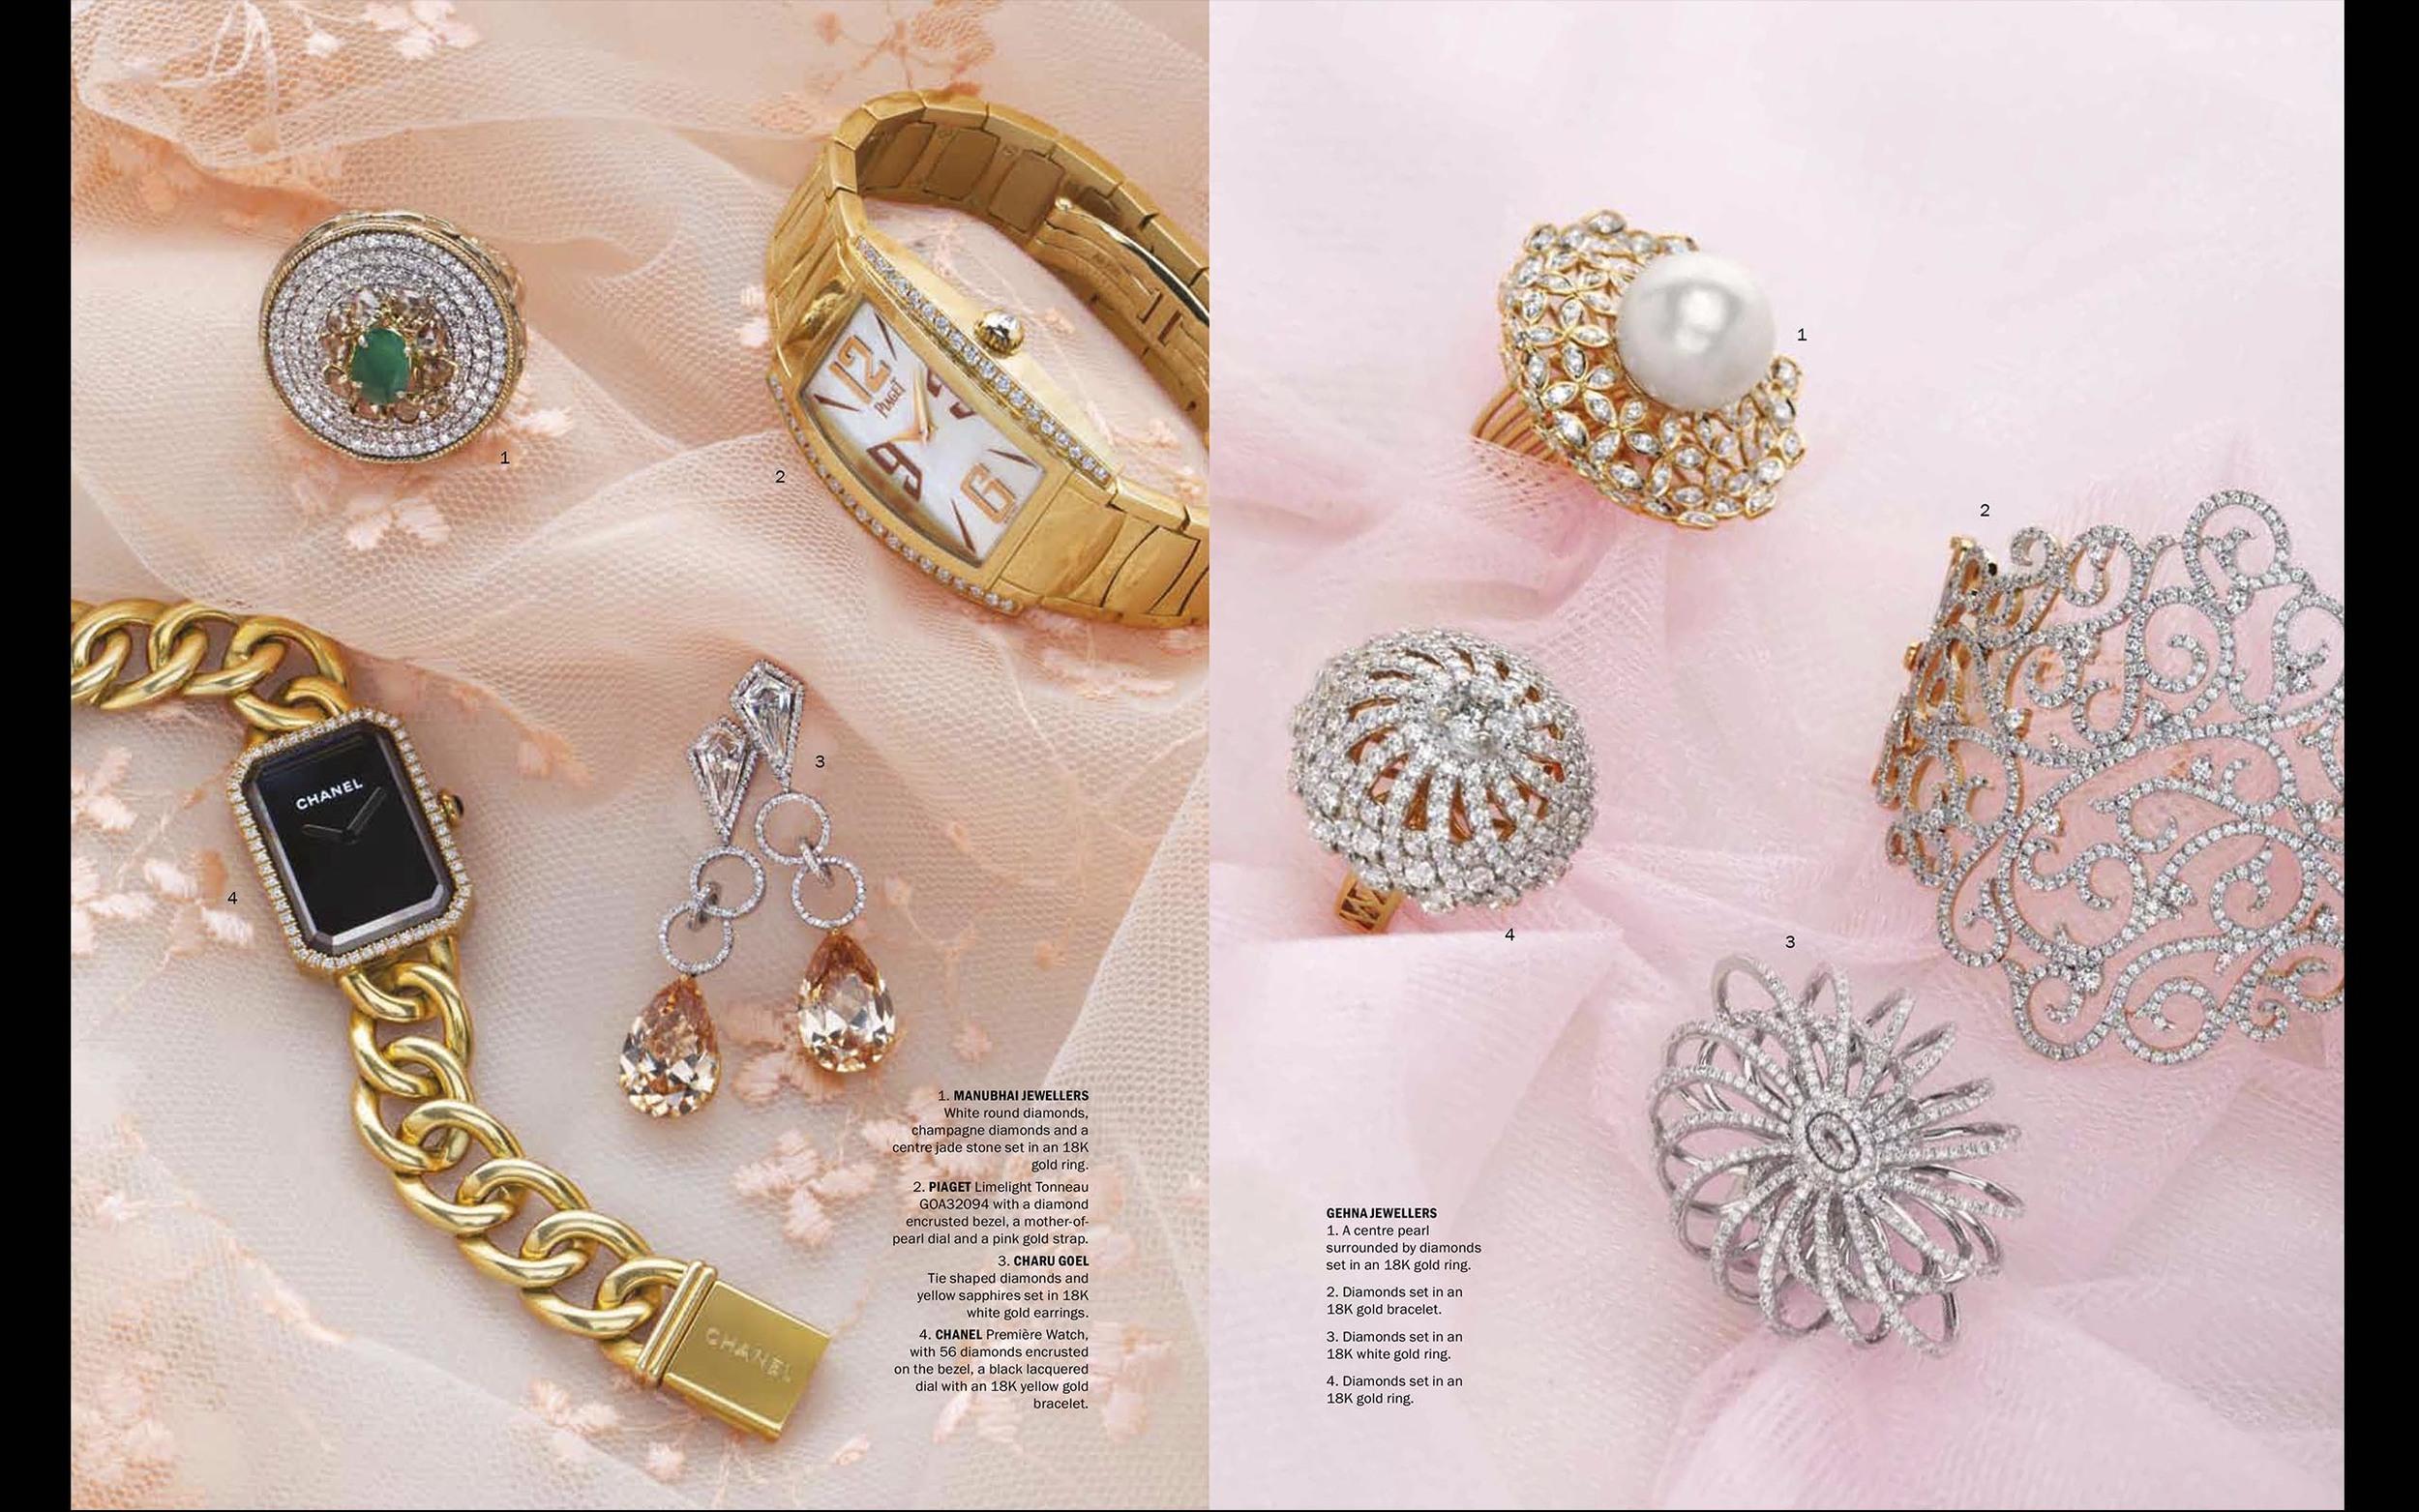 Noblesse magazine,India